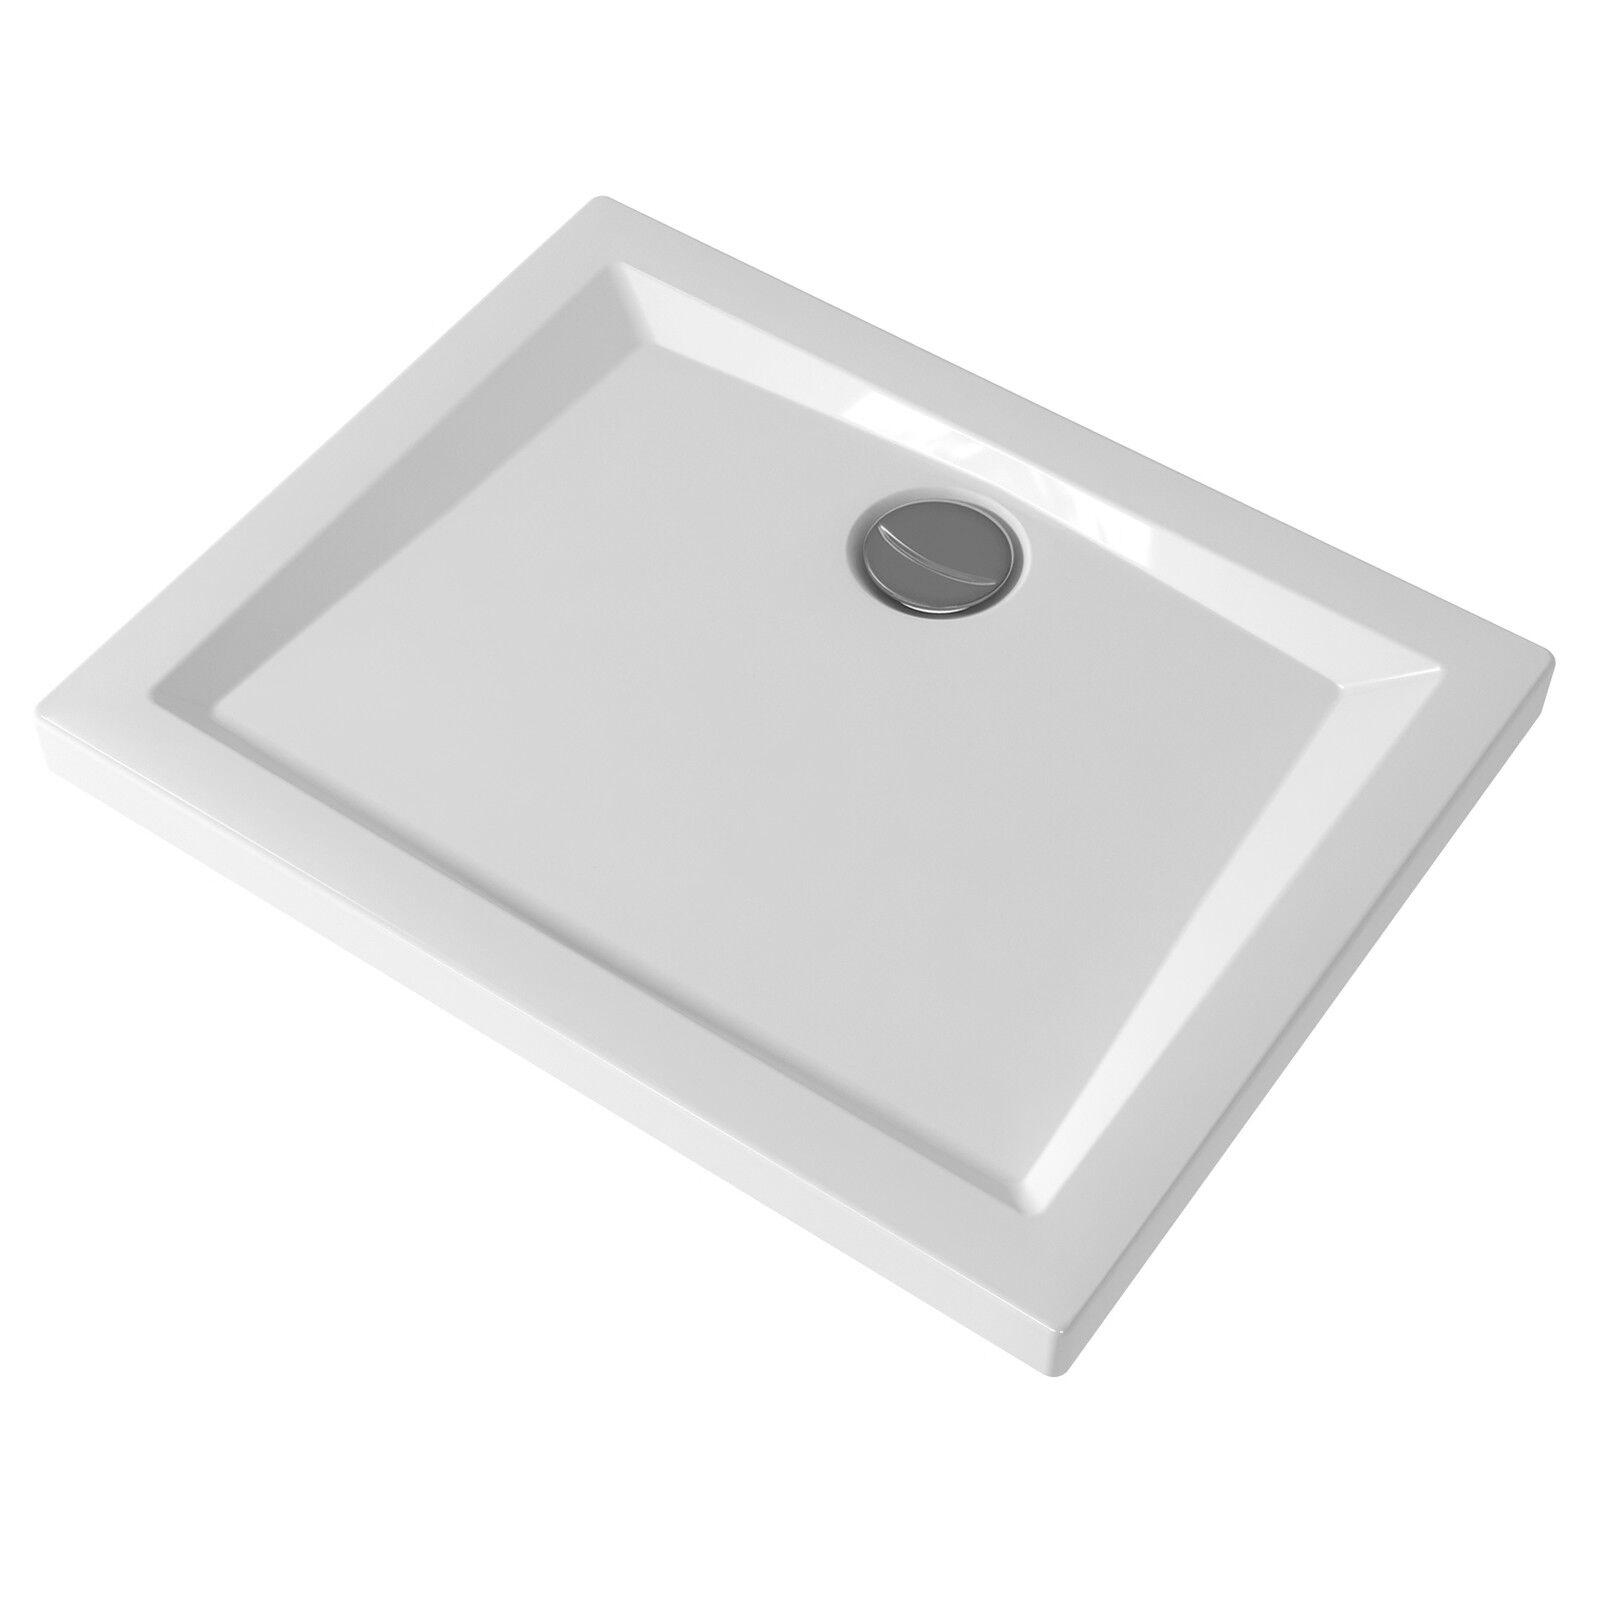 Piatto doccia Pozzi-Ginori 100x70 cm bianco lucido rettangolare spessore mm 60